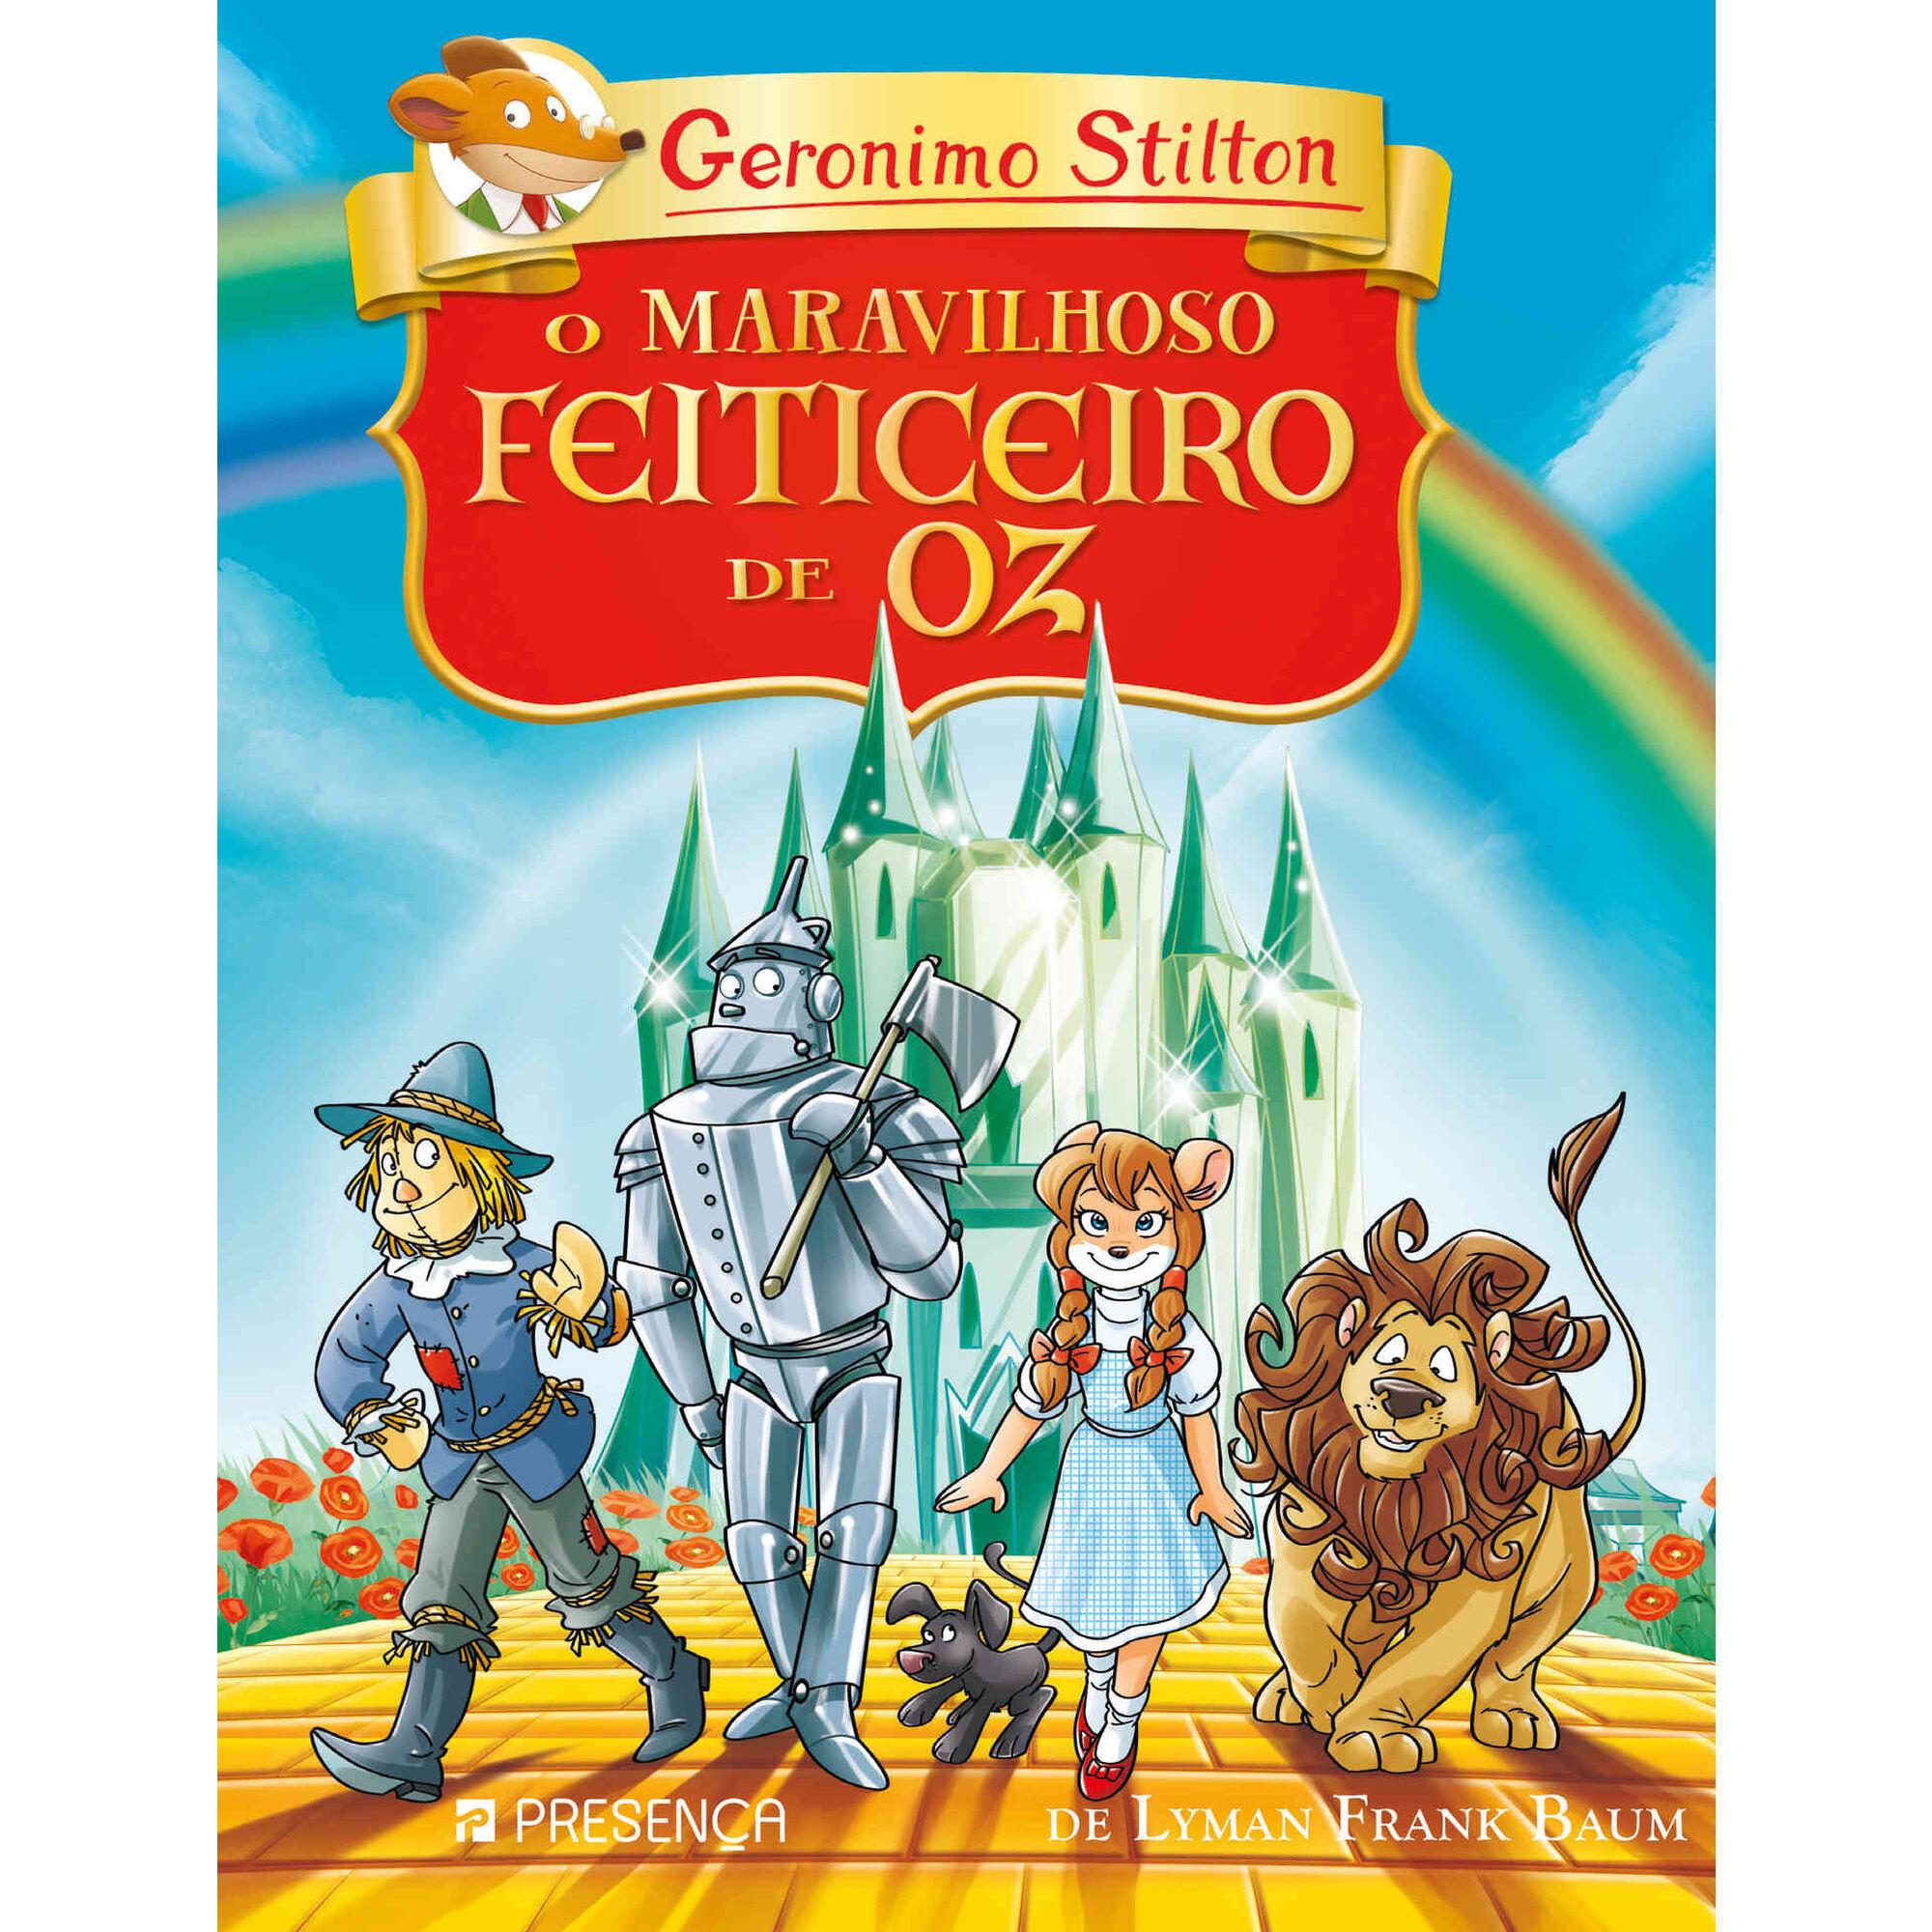 O Maravilhoso Feiticeiro de Oz de Lyman Frank Baum